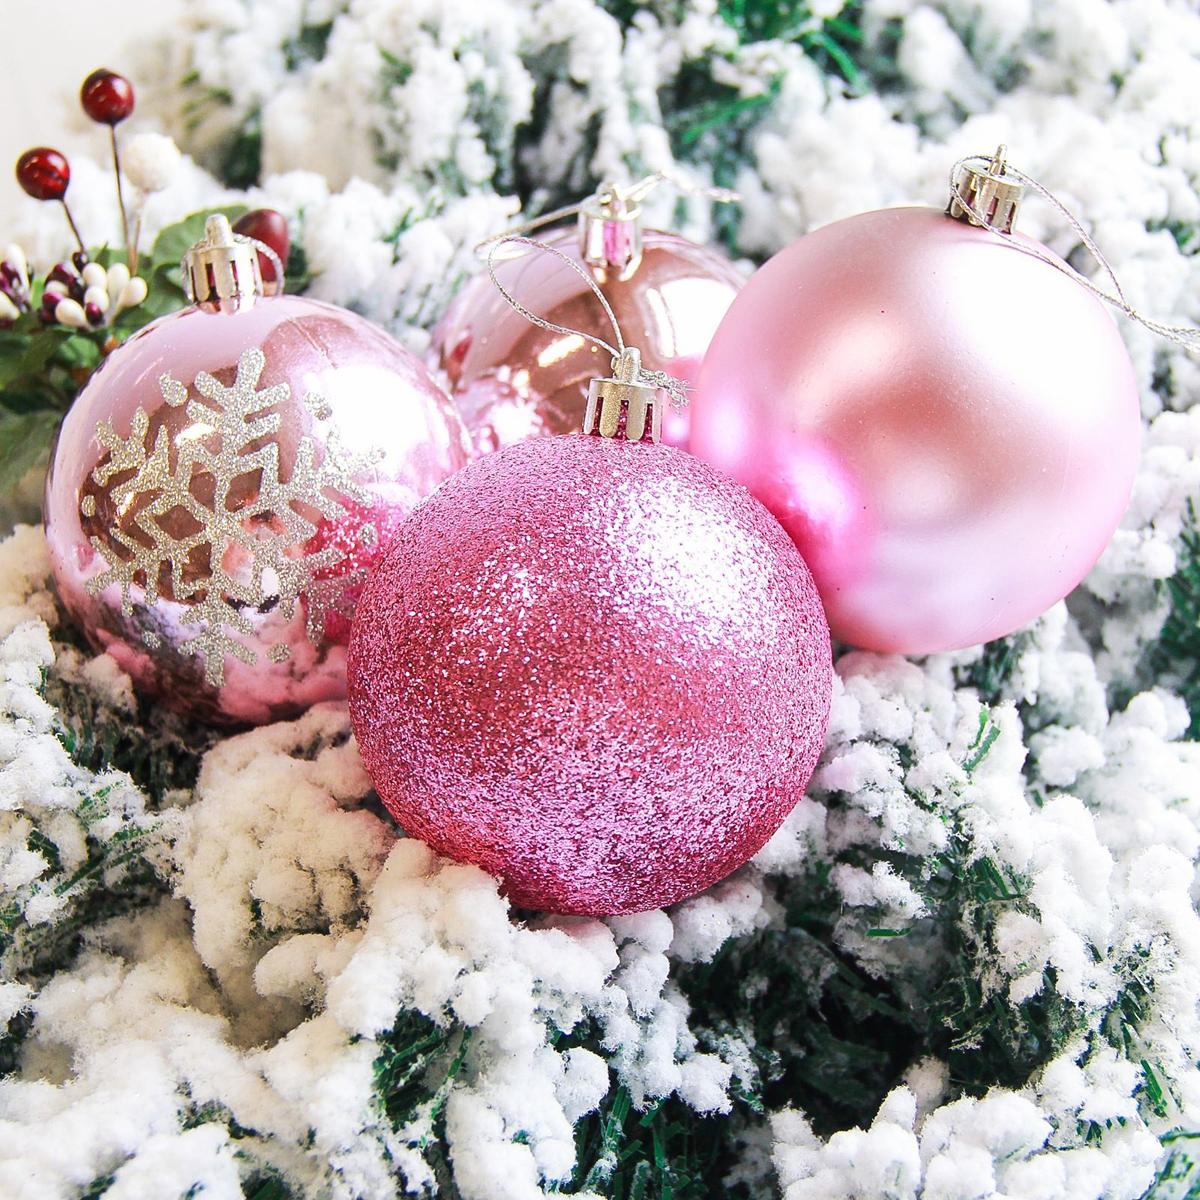 Набор новогодних подвесных украшений Sima-land Снежинка, диаметр 8 см, 6 шт. 21782782178278Невозможно представить нашу жизнь без праздников! Мы всегда ждём их и предвкушаем, обдумываем, как проведём памятный день, тщательно выбираем подарки и аксессуары, ведь именно они создают и поддерживают торжественный настрой.